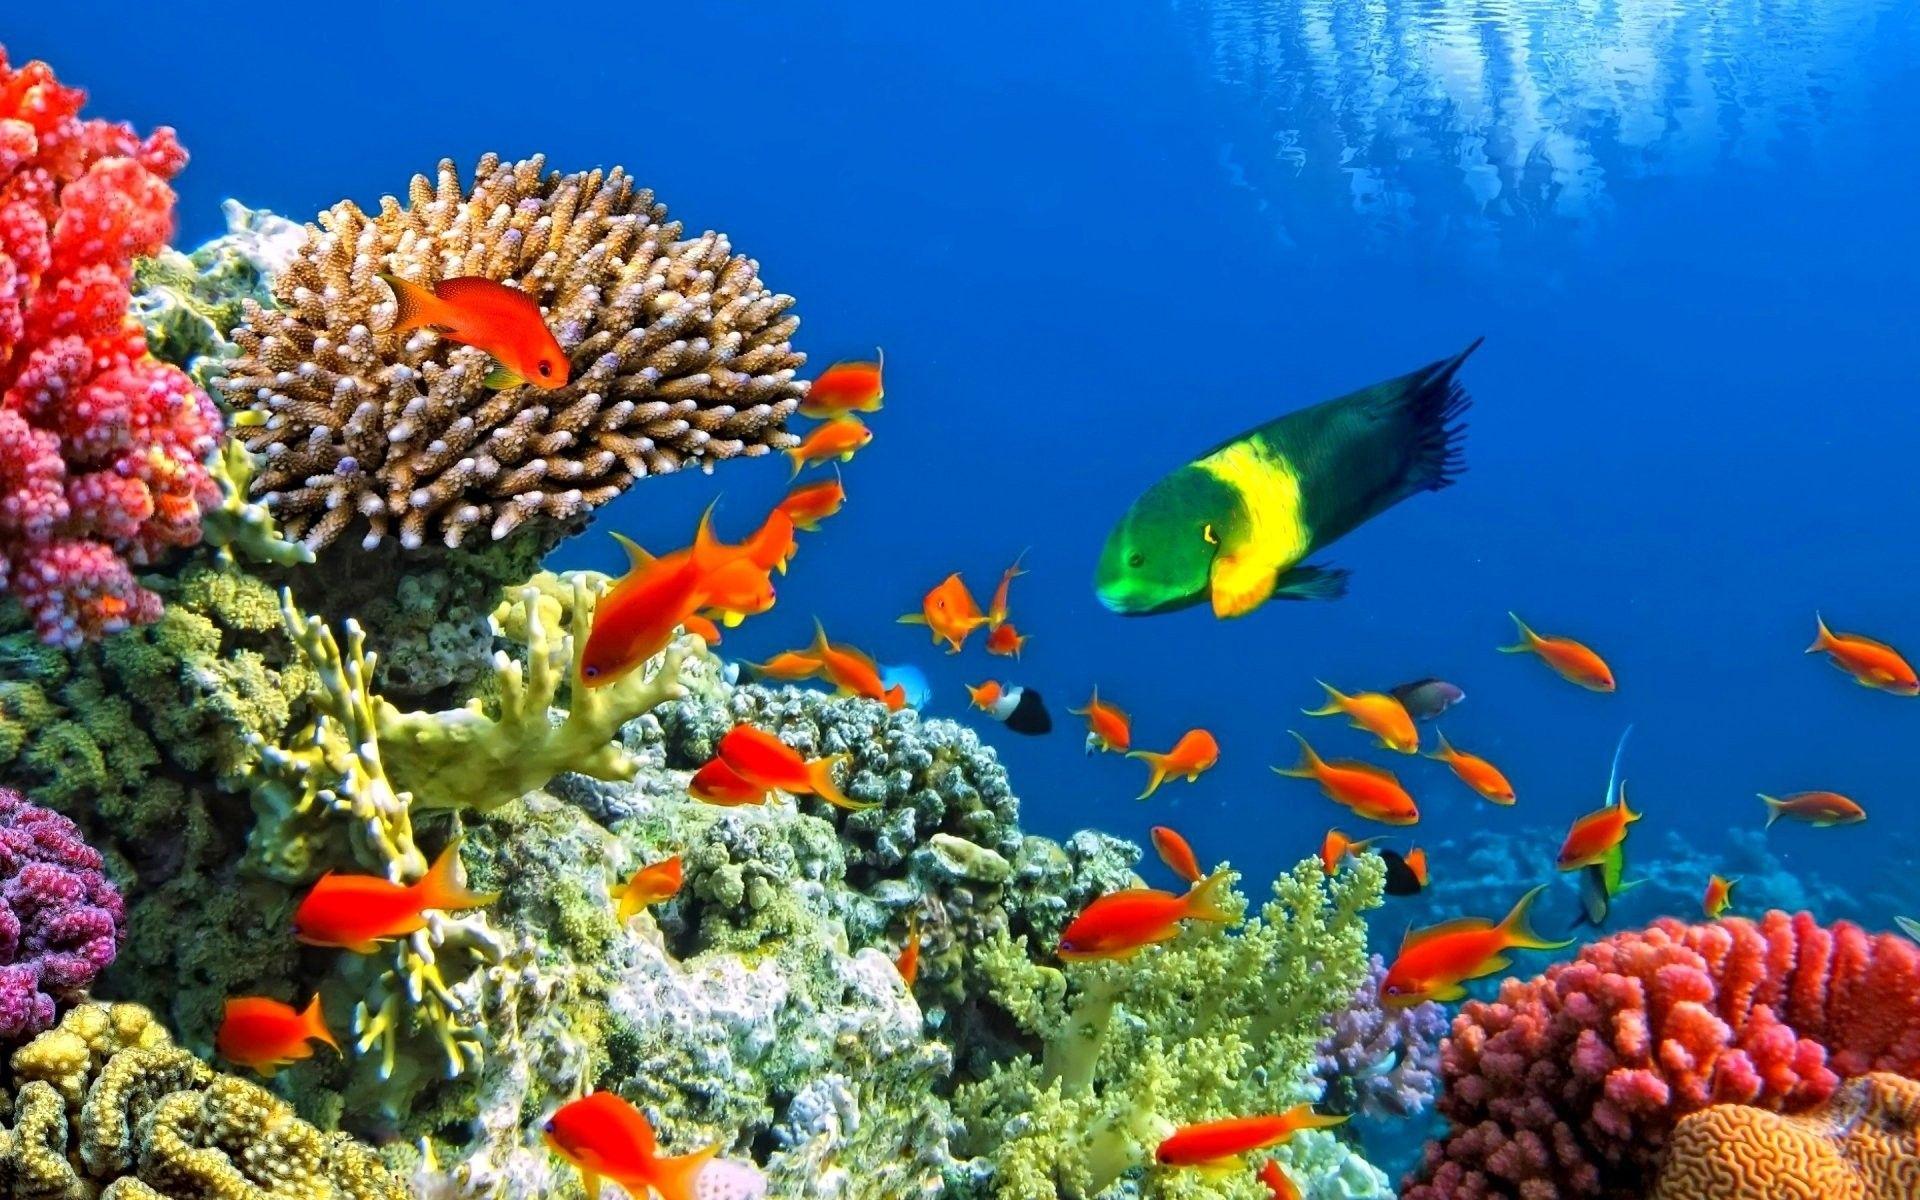 aquarium wallpaper free download